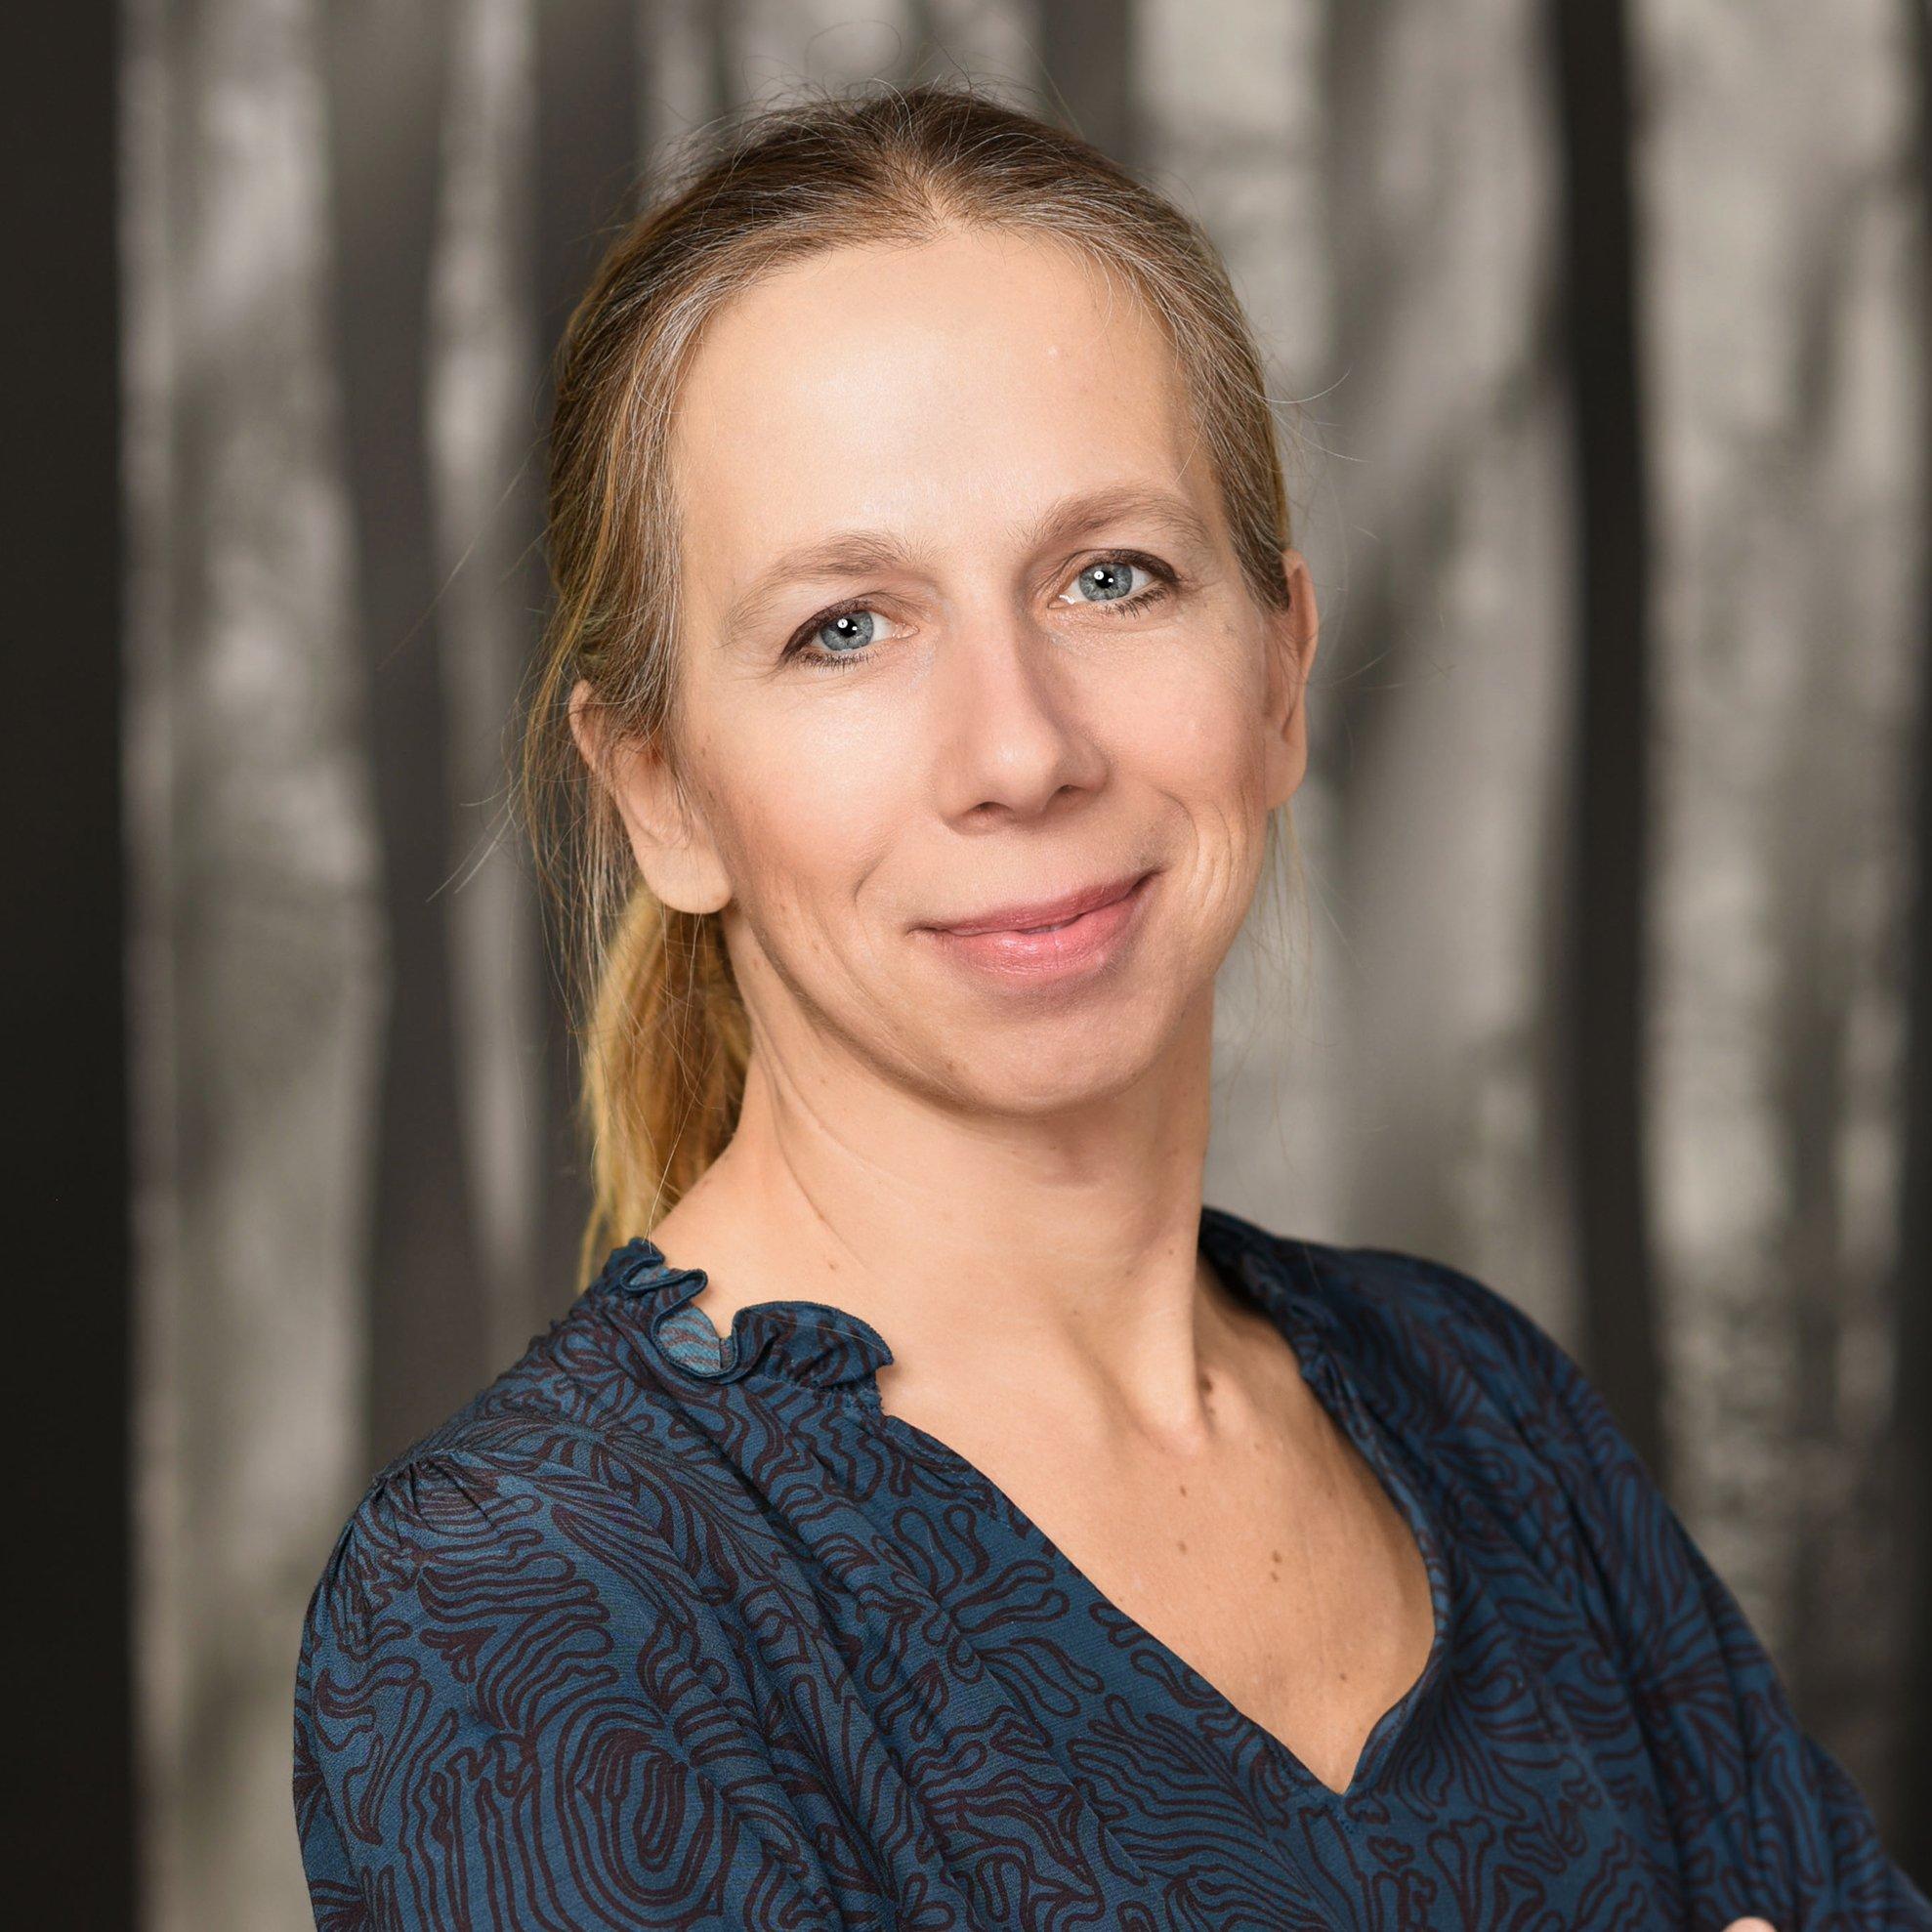 Linda Höljö